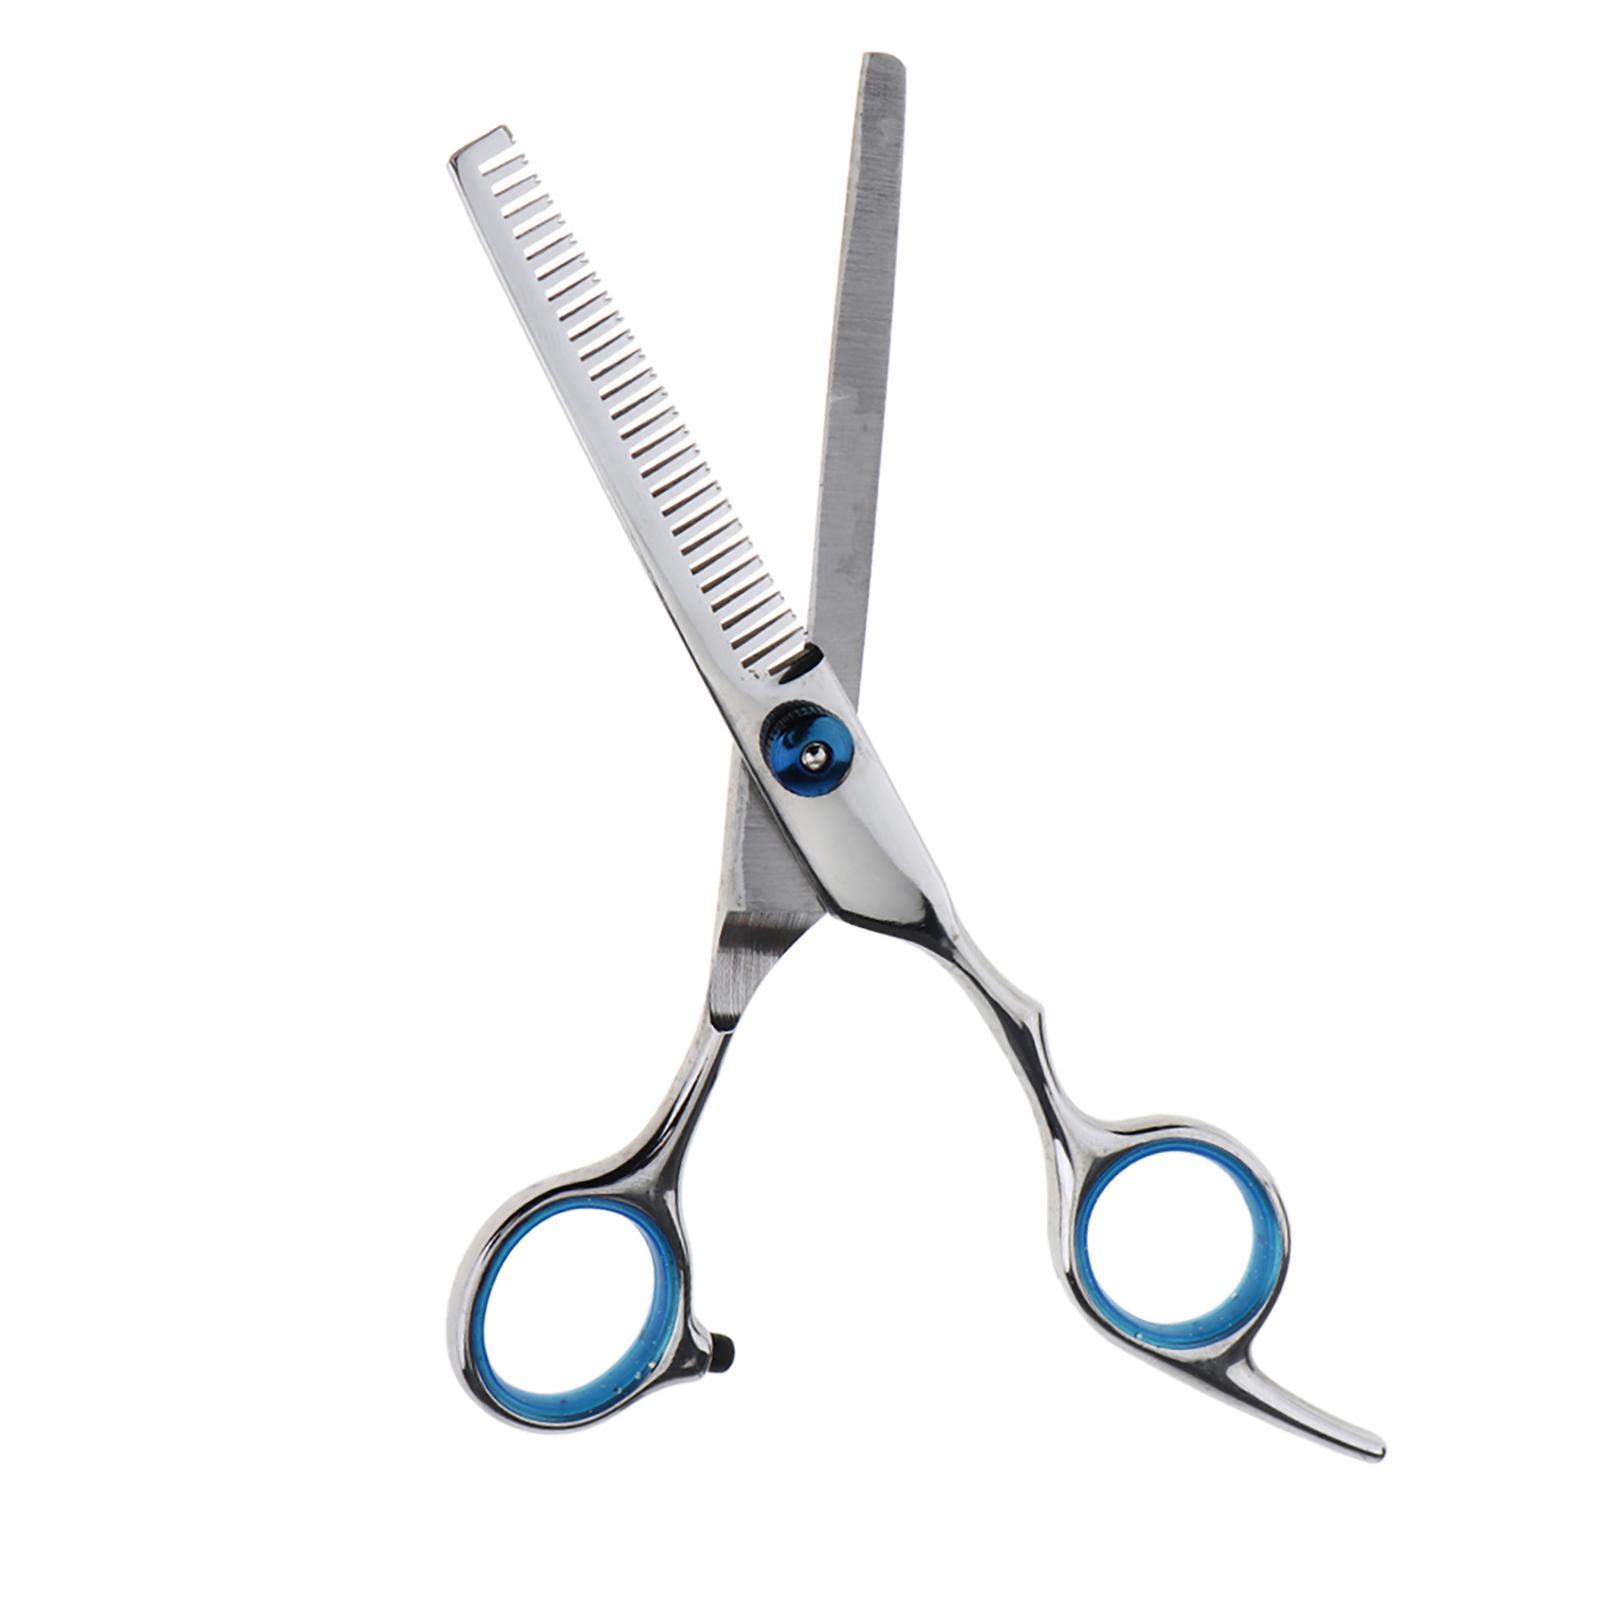 miniatura 7 - strumento profionale per parrucchiere forbici per capelli in acciaio